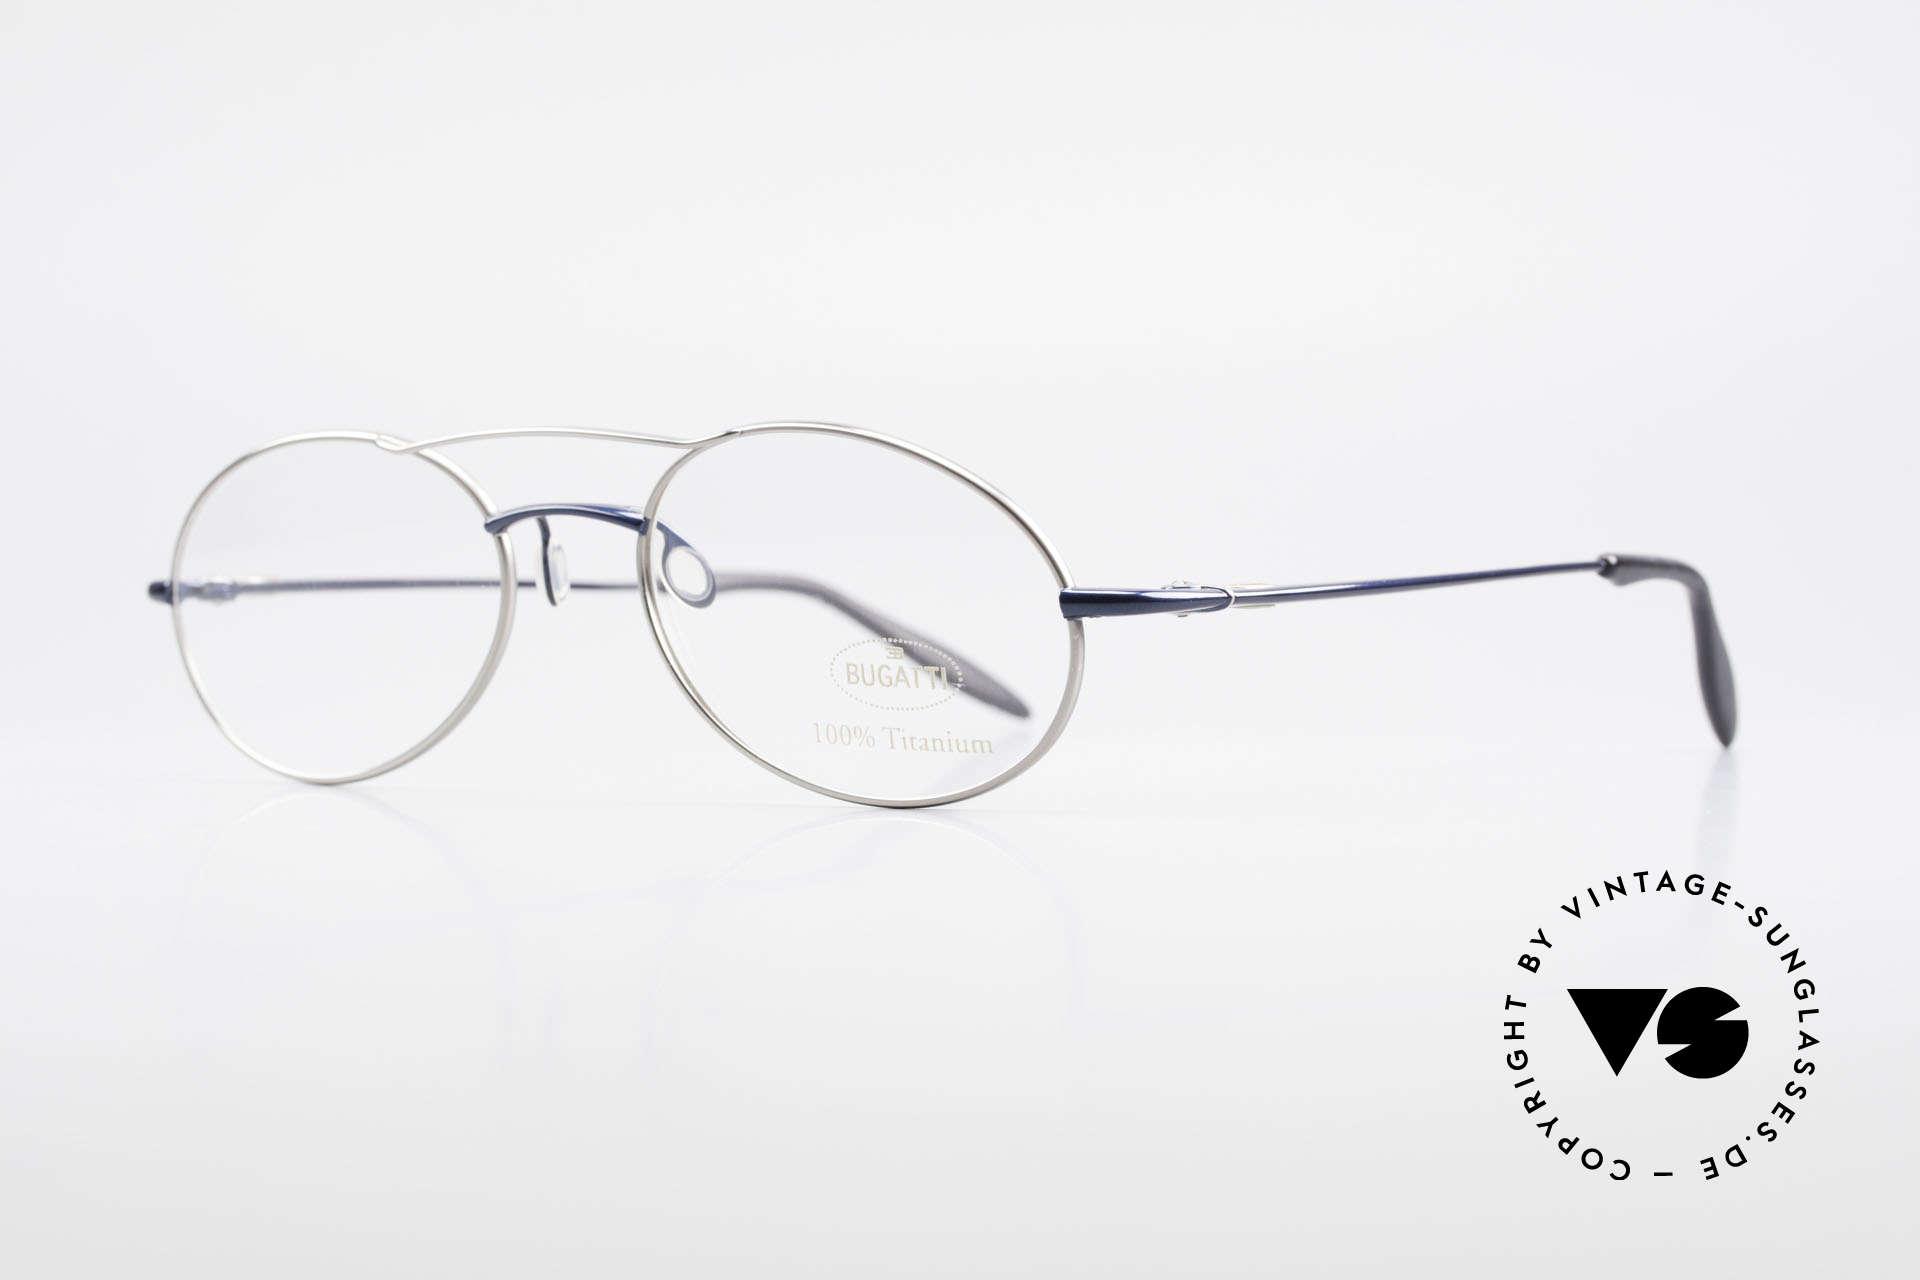 Bugatti 19239 Titanium Luxury Eyeglasses, ergonomic temples & nose pad for 1st class comfort, Made for Men